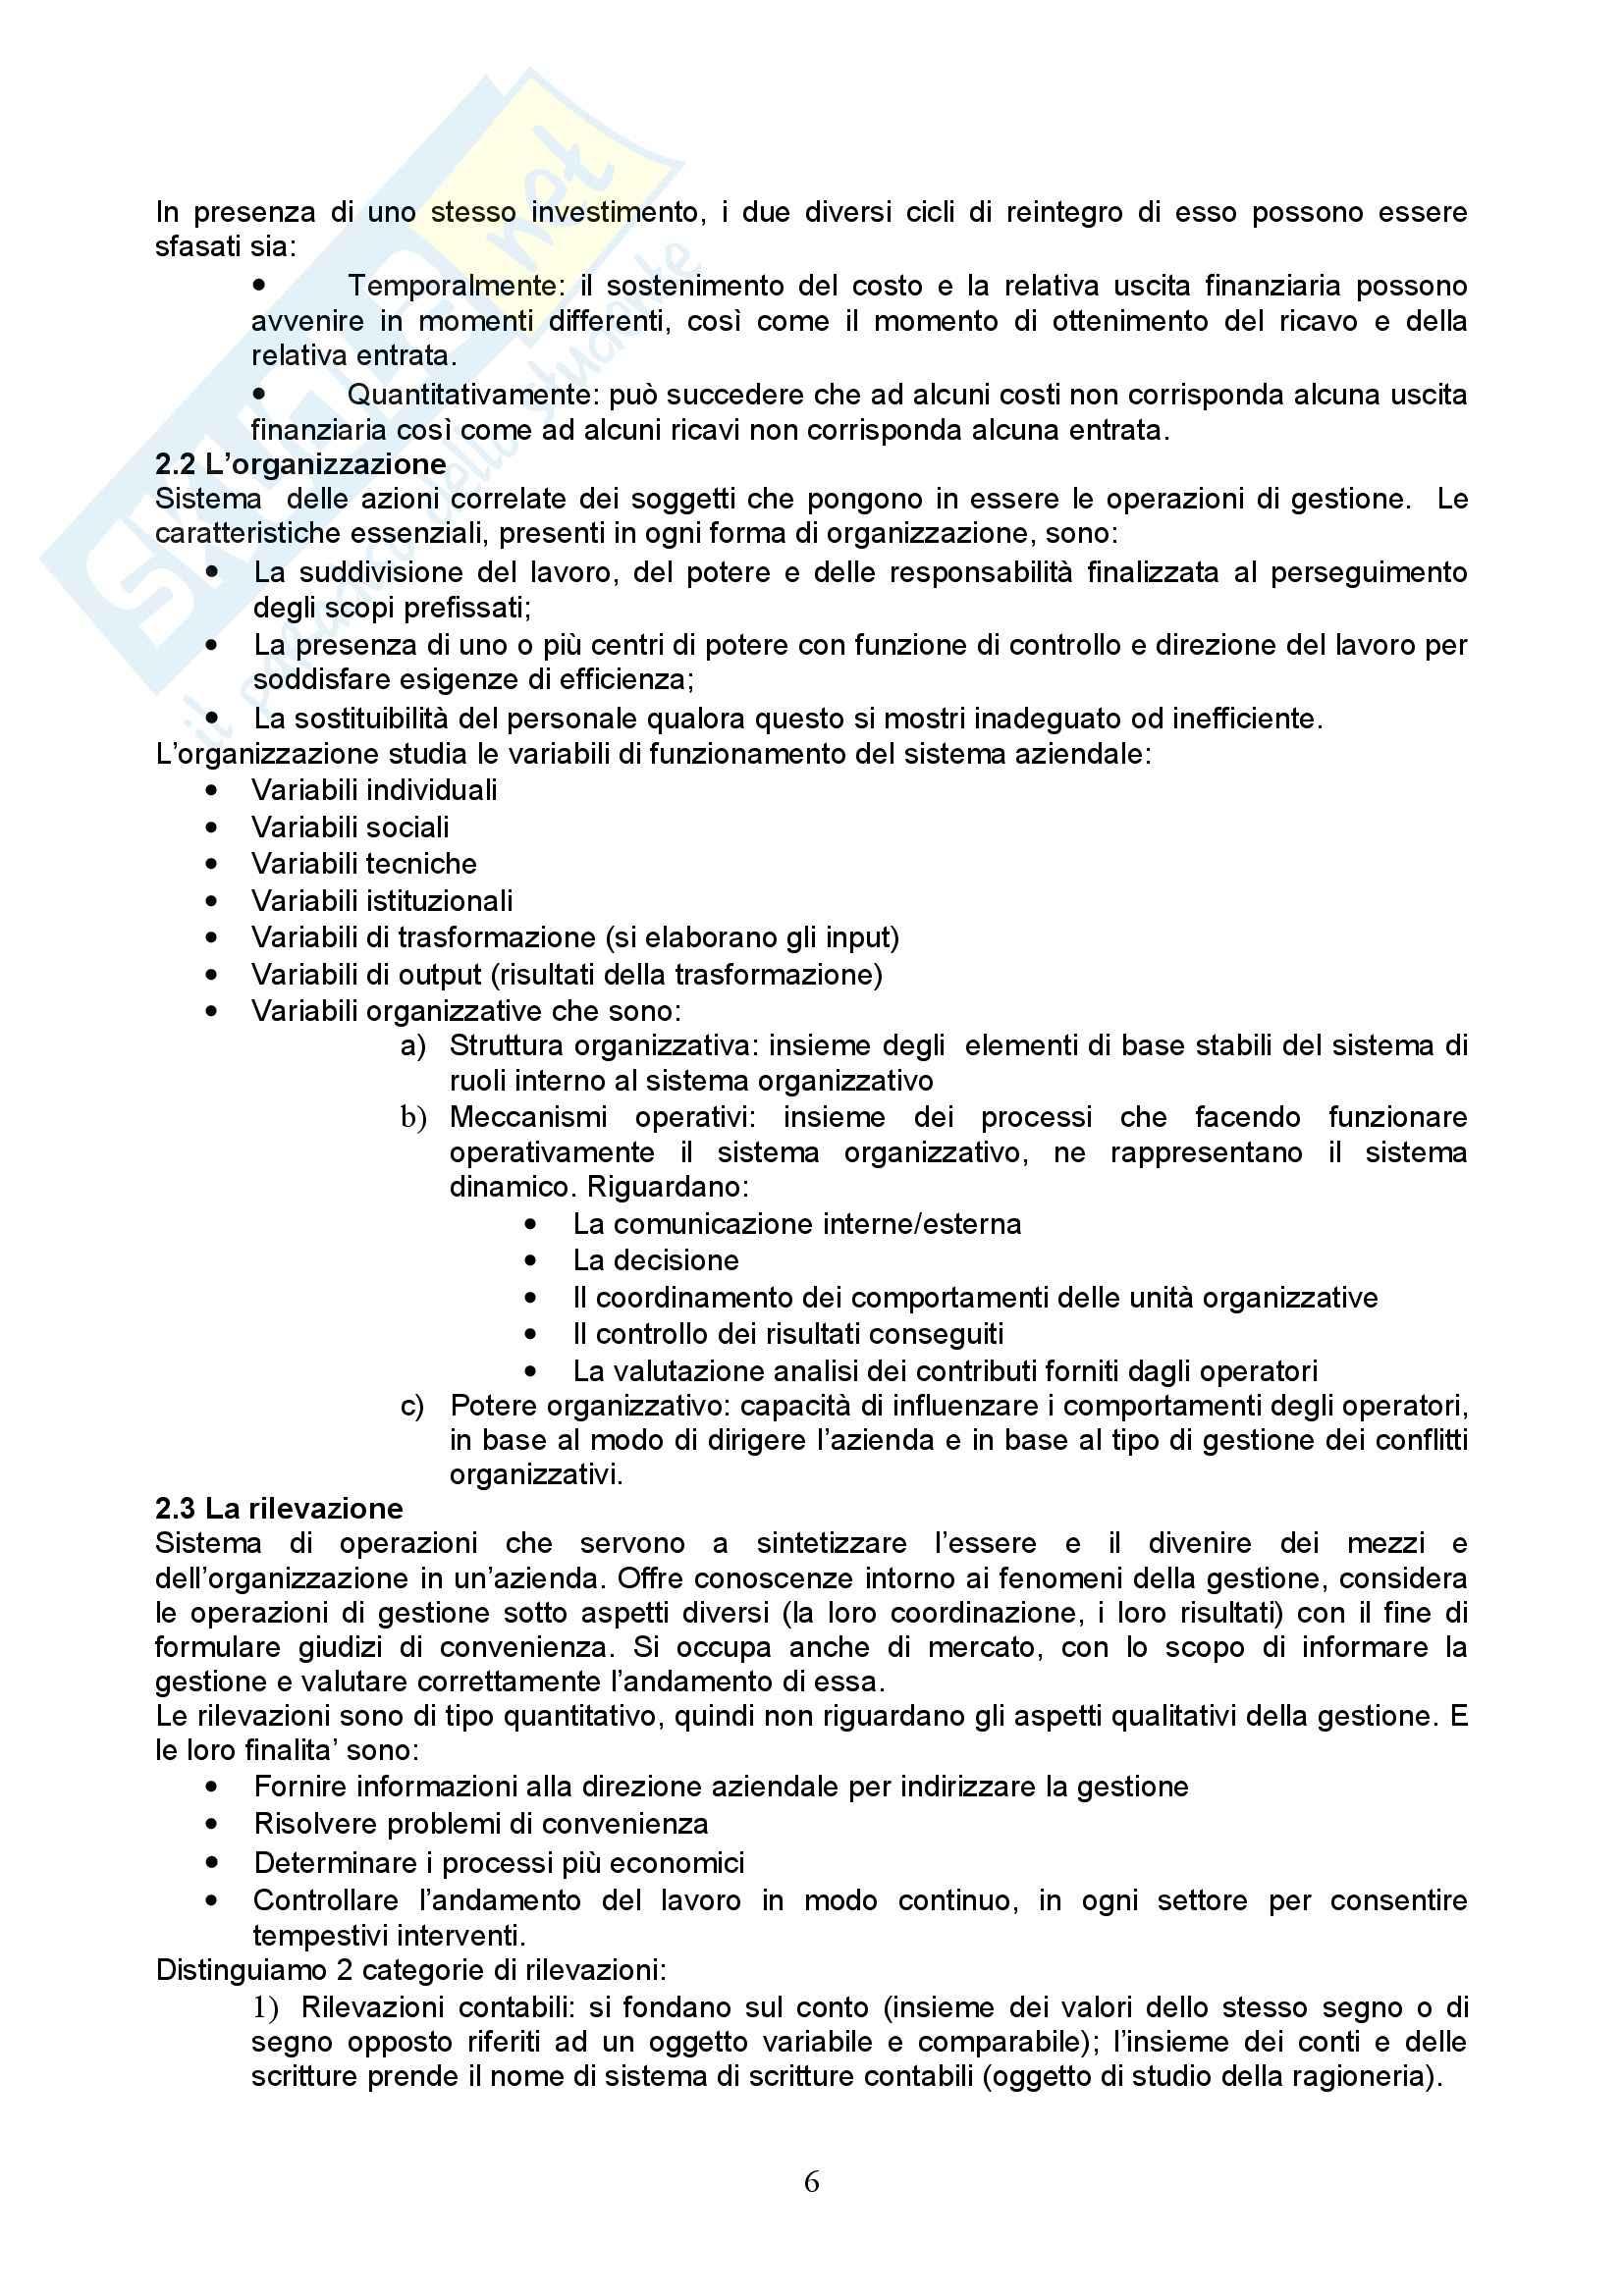 Riassunto esame Economia Aziendale, prof. Vergara, libro consigliato Esistenza e lo Sviluppo dell'Azienda, Puglisi Pag. 6